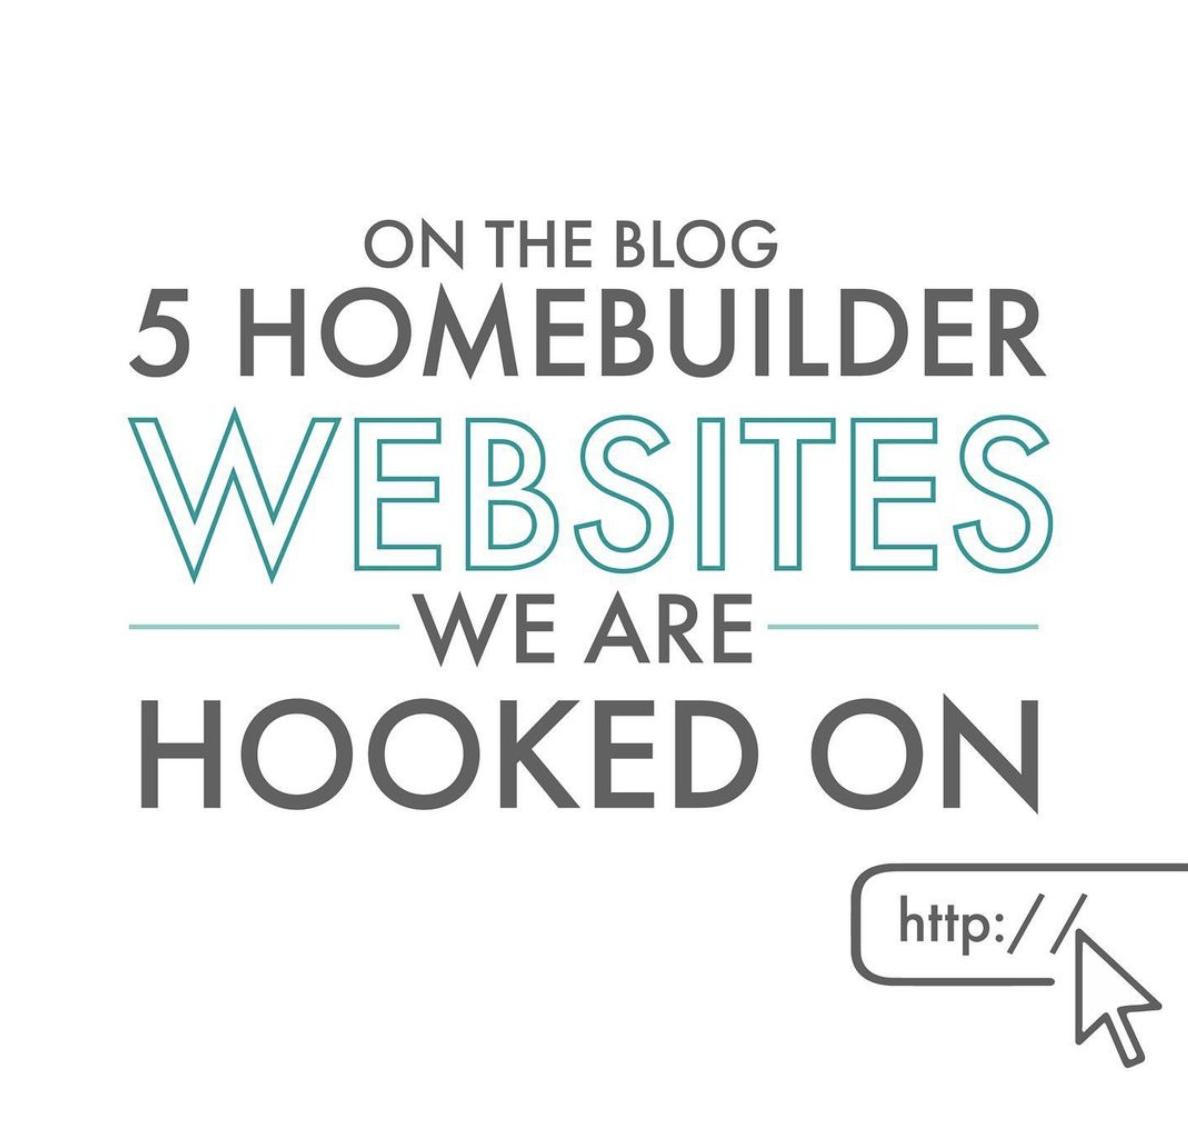 5 Homebuilder Websites We Are Hooked On